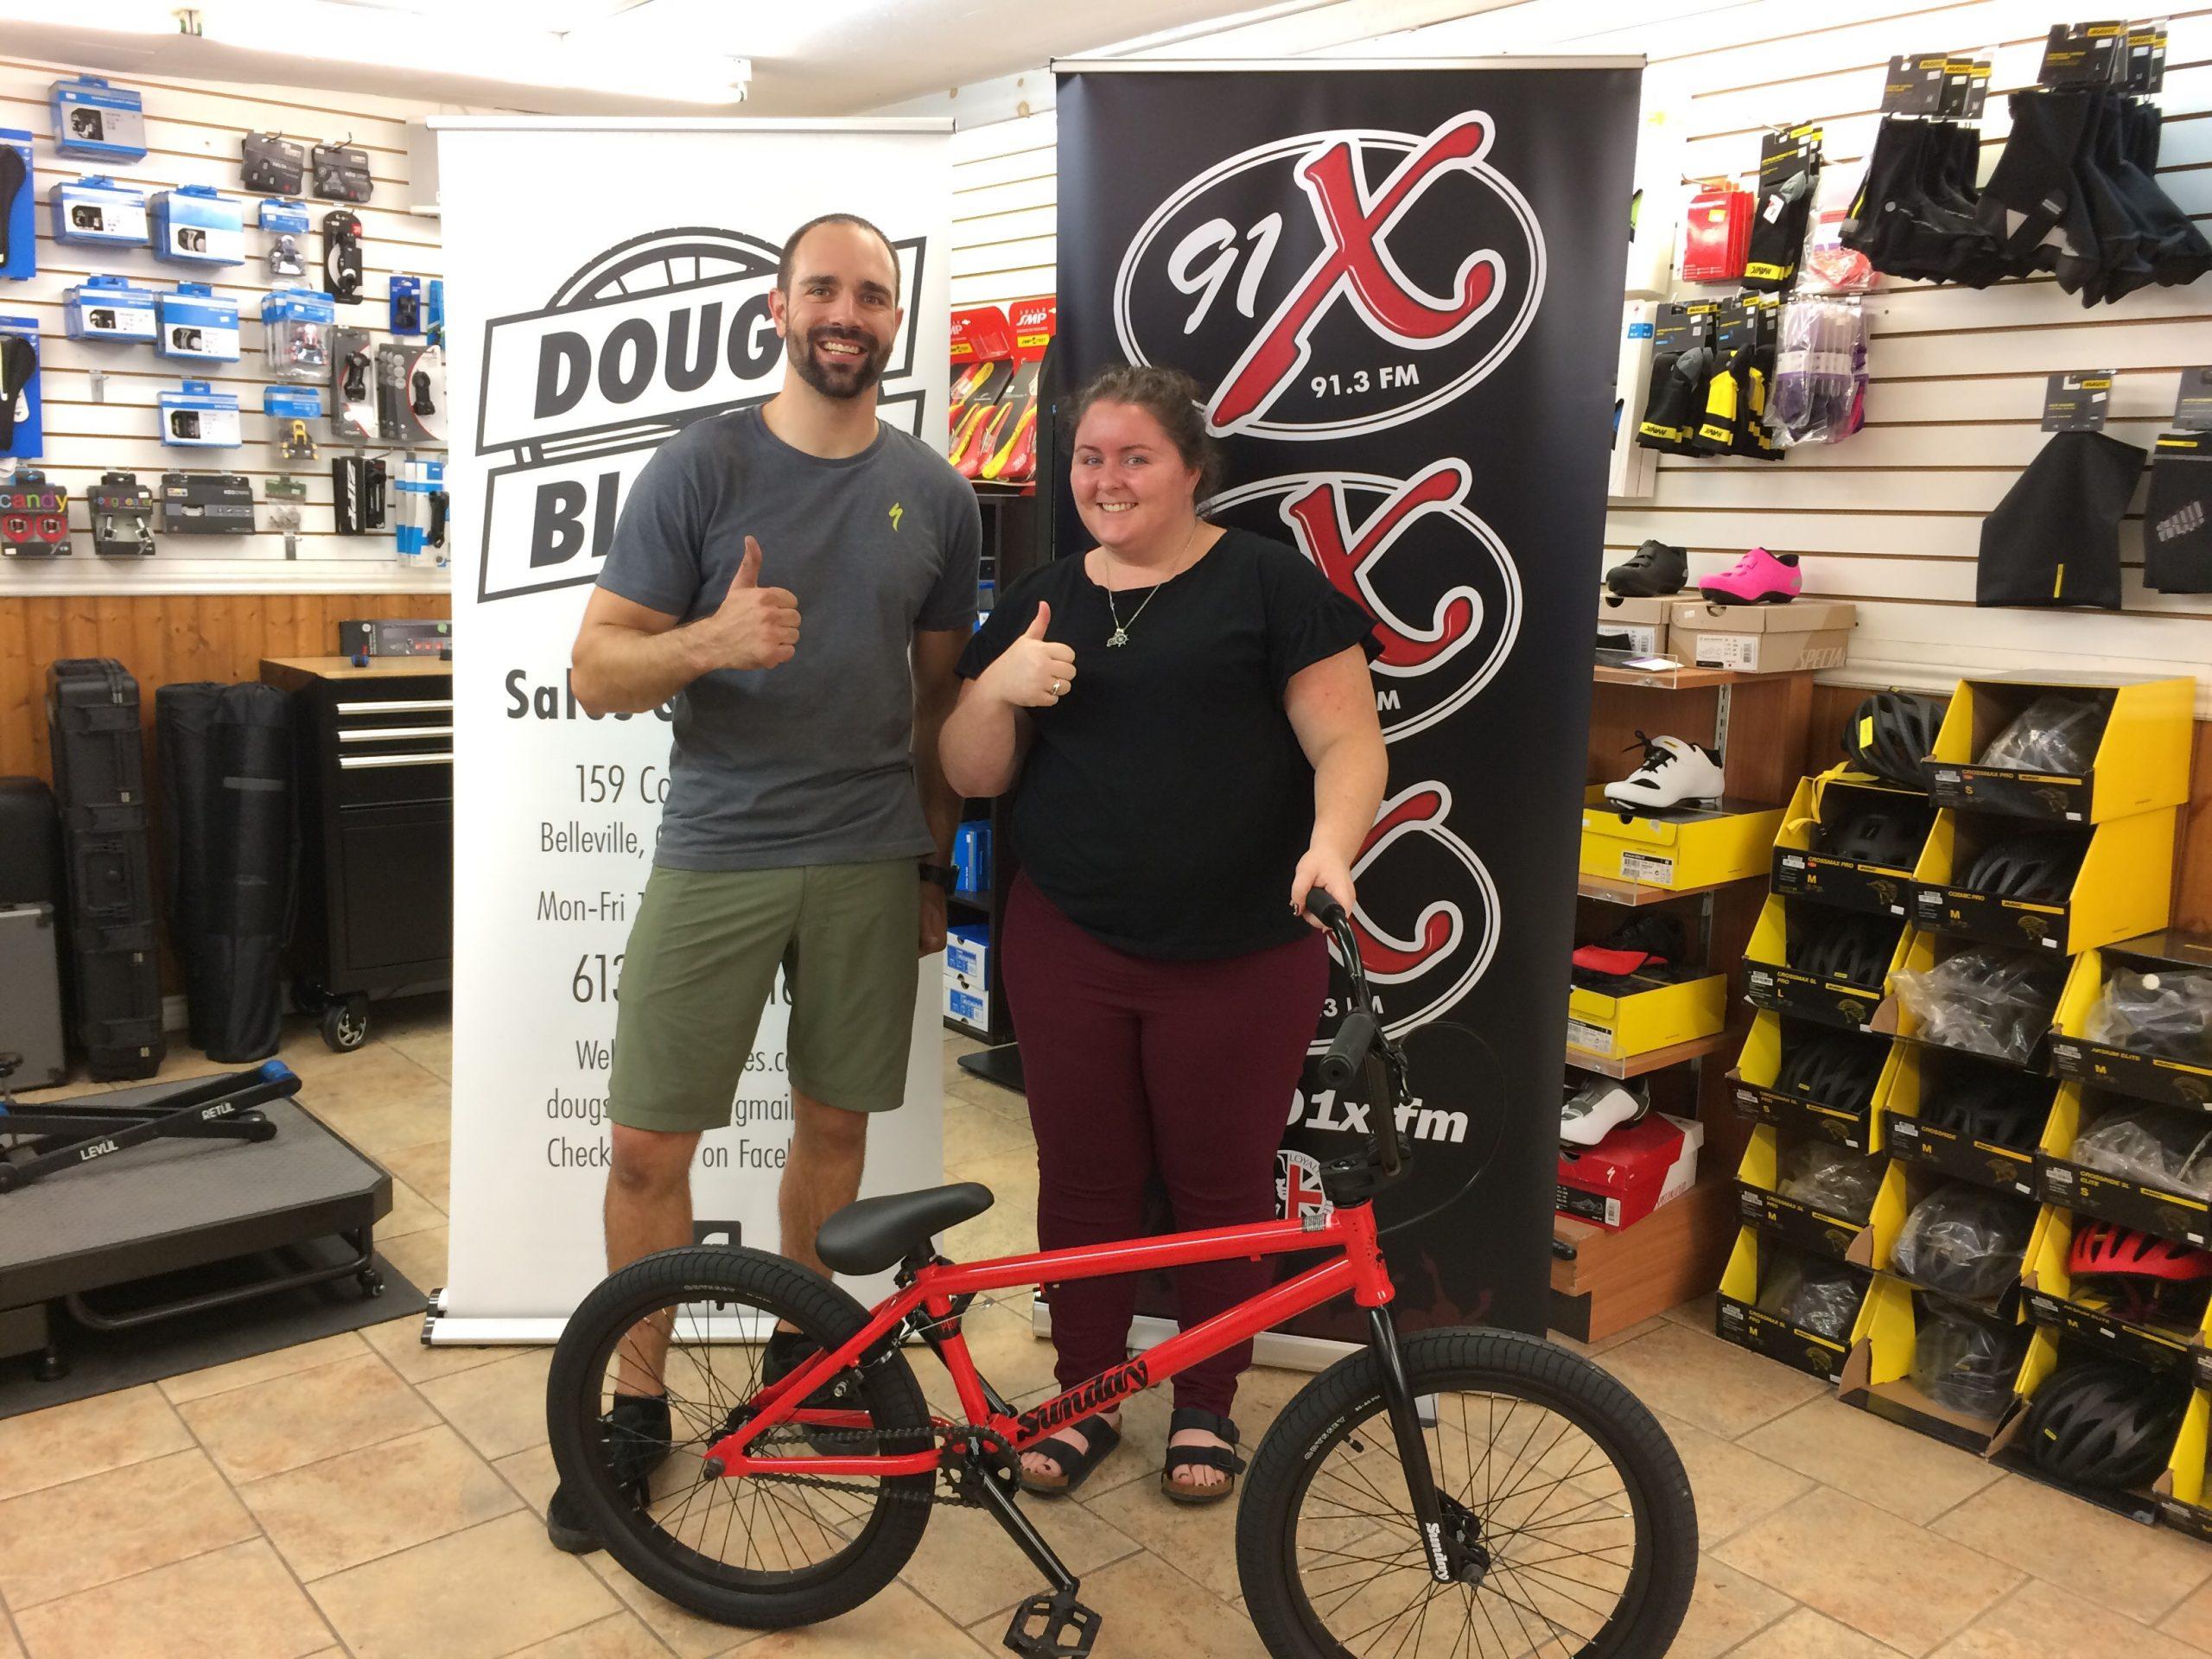 BMX Bike Winner!